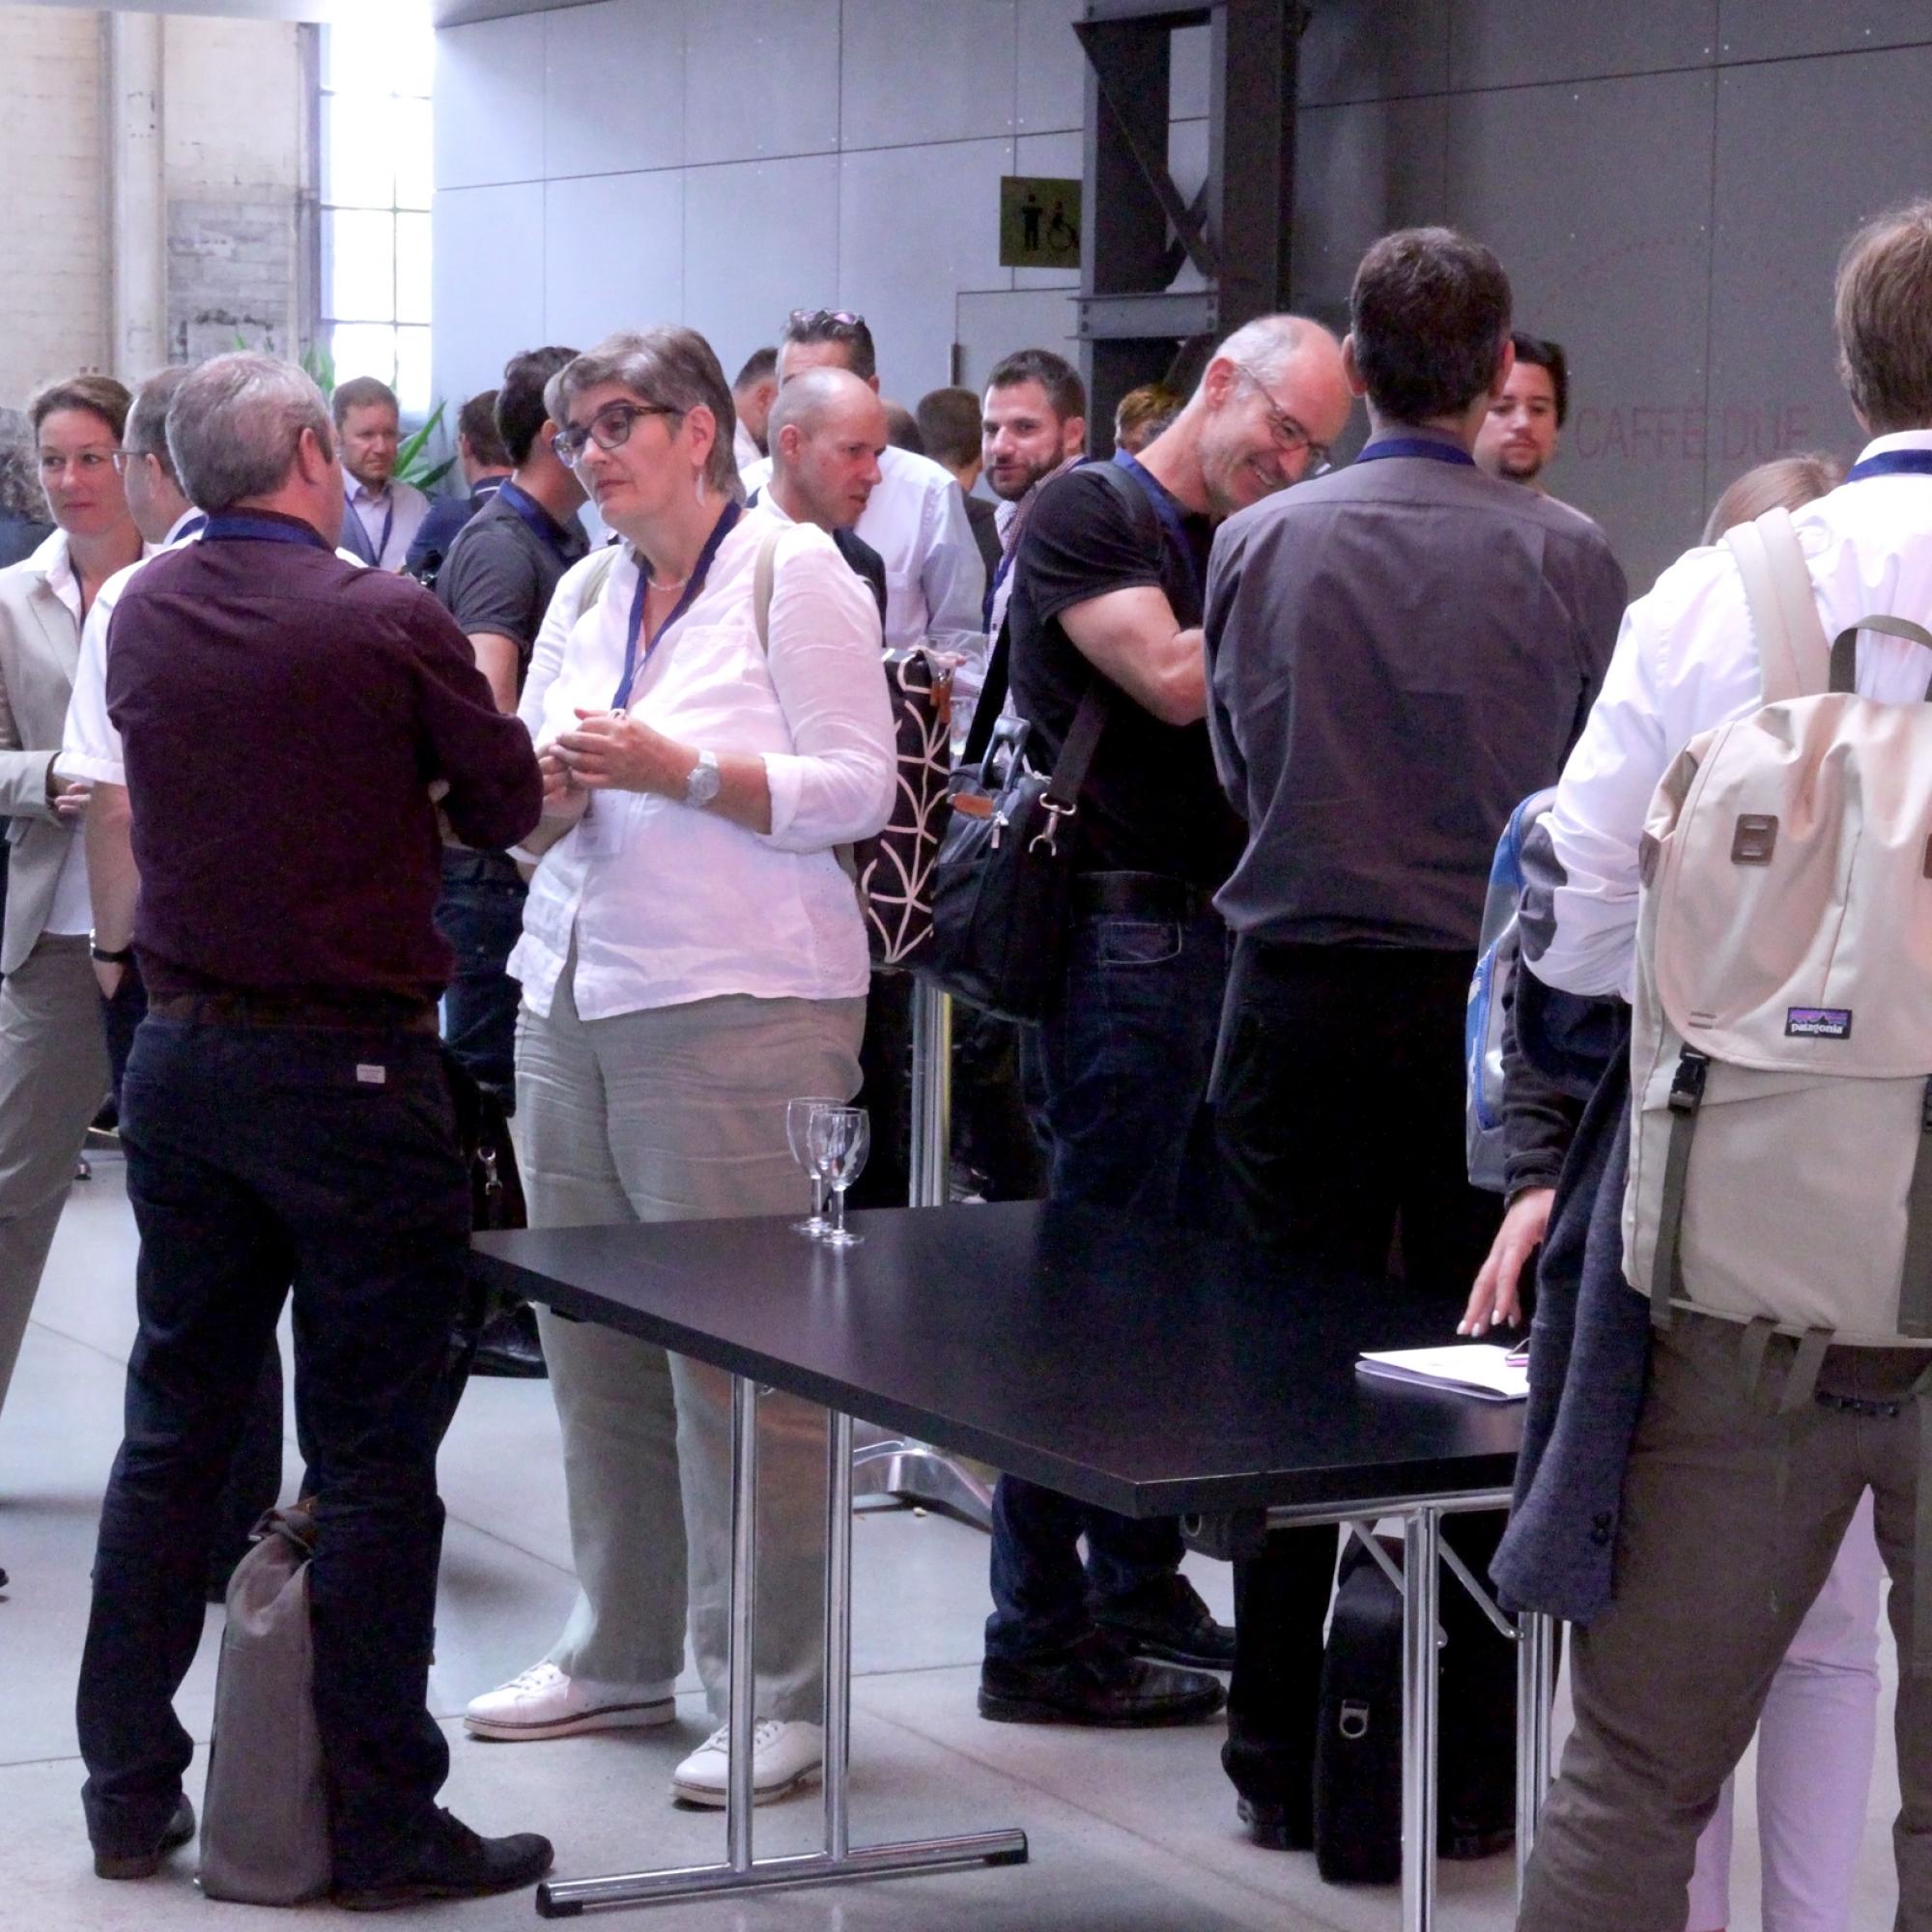 Zwischen Referaten und Fachsessionen gönnen sich die Teilnehmer einen Kaffee und nutzen die Gelegenheit für Austausch und Networking.